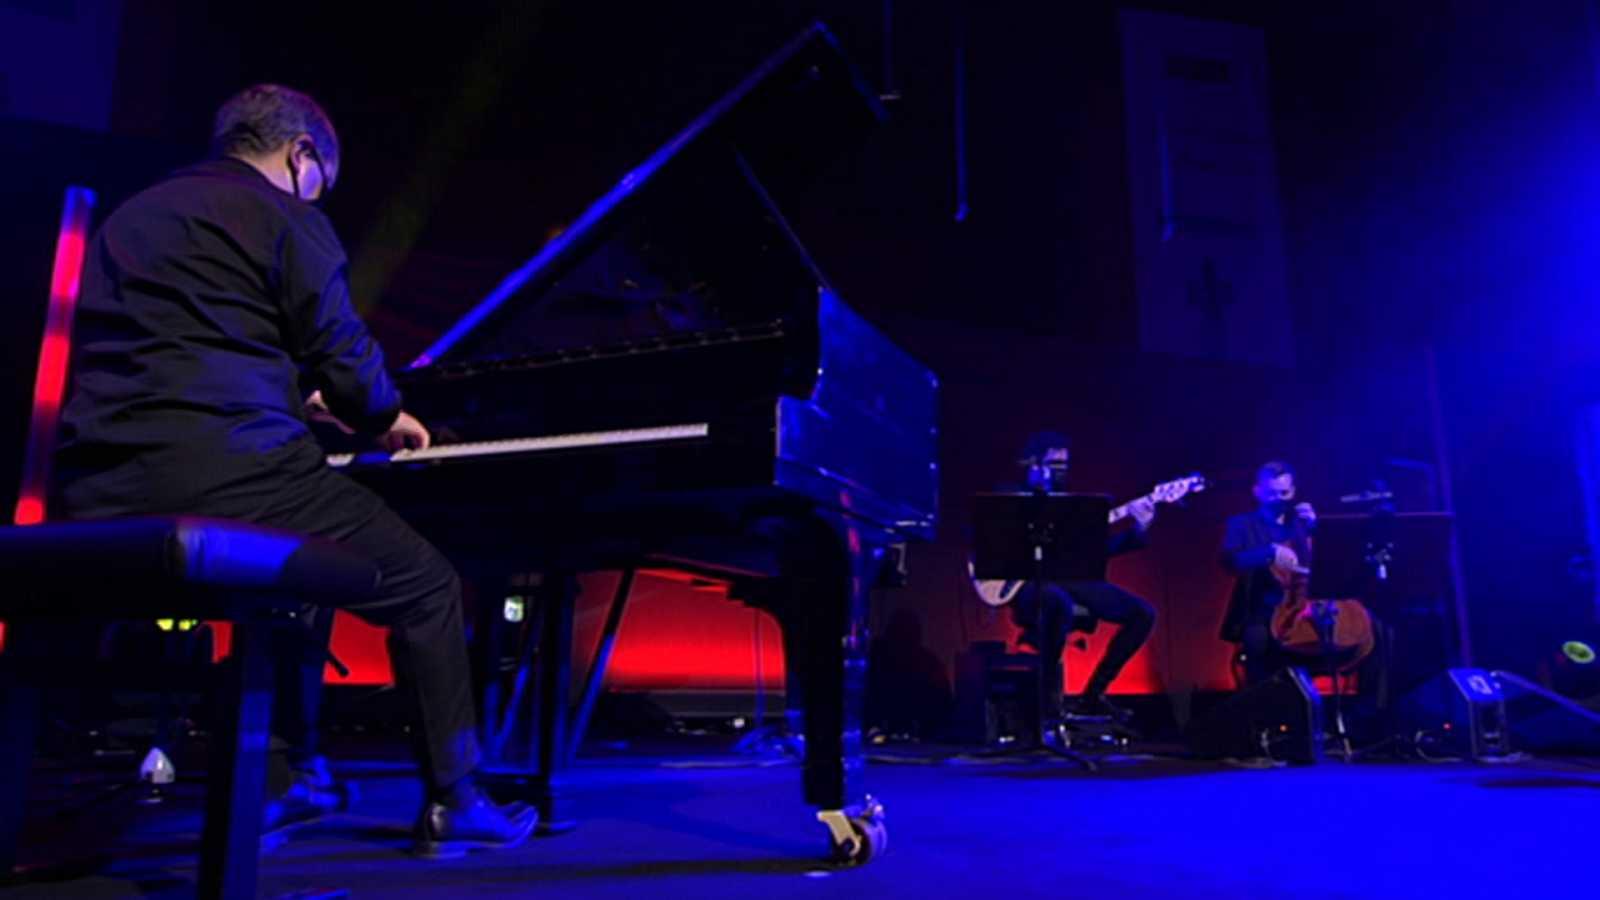 Las noches del Monumental - Flamencos, clásicos y otras influencias - ver ahora